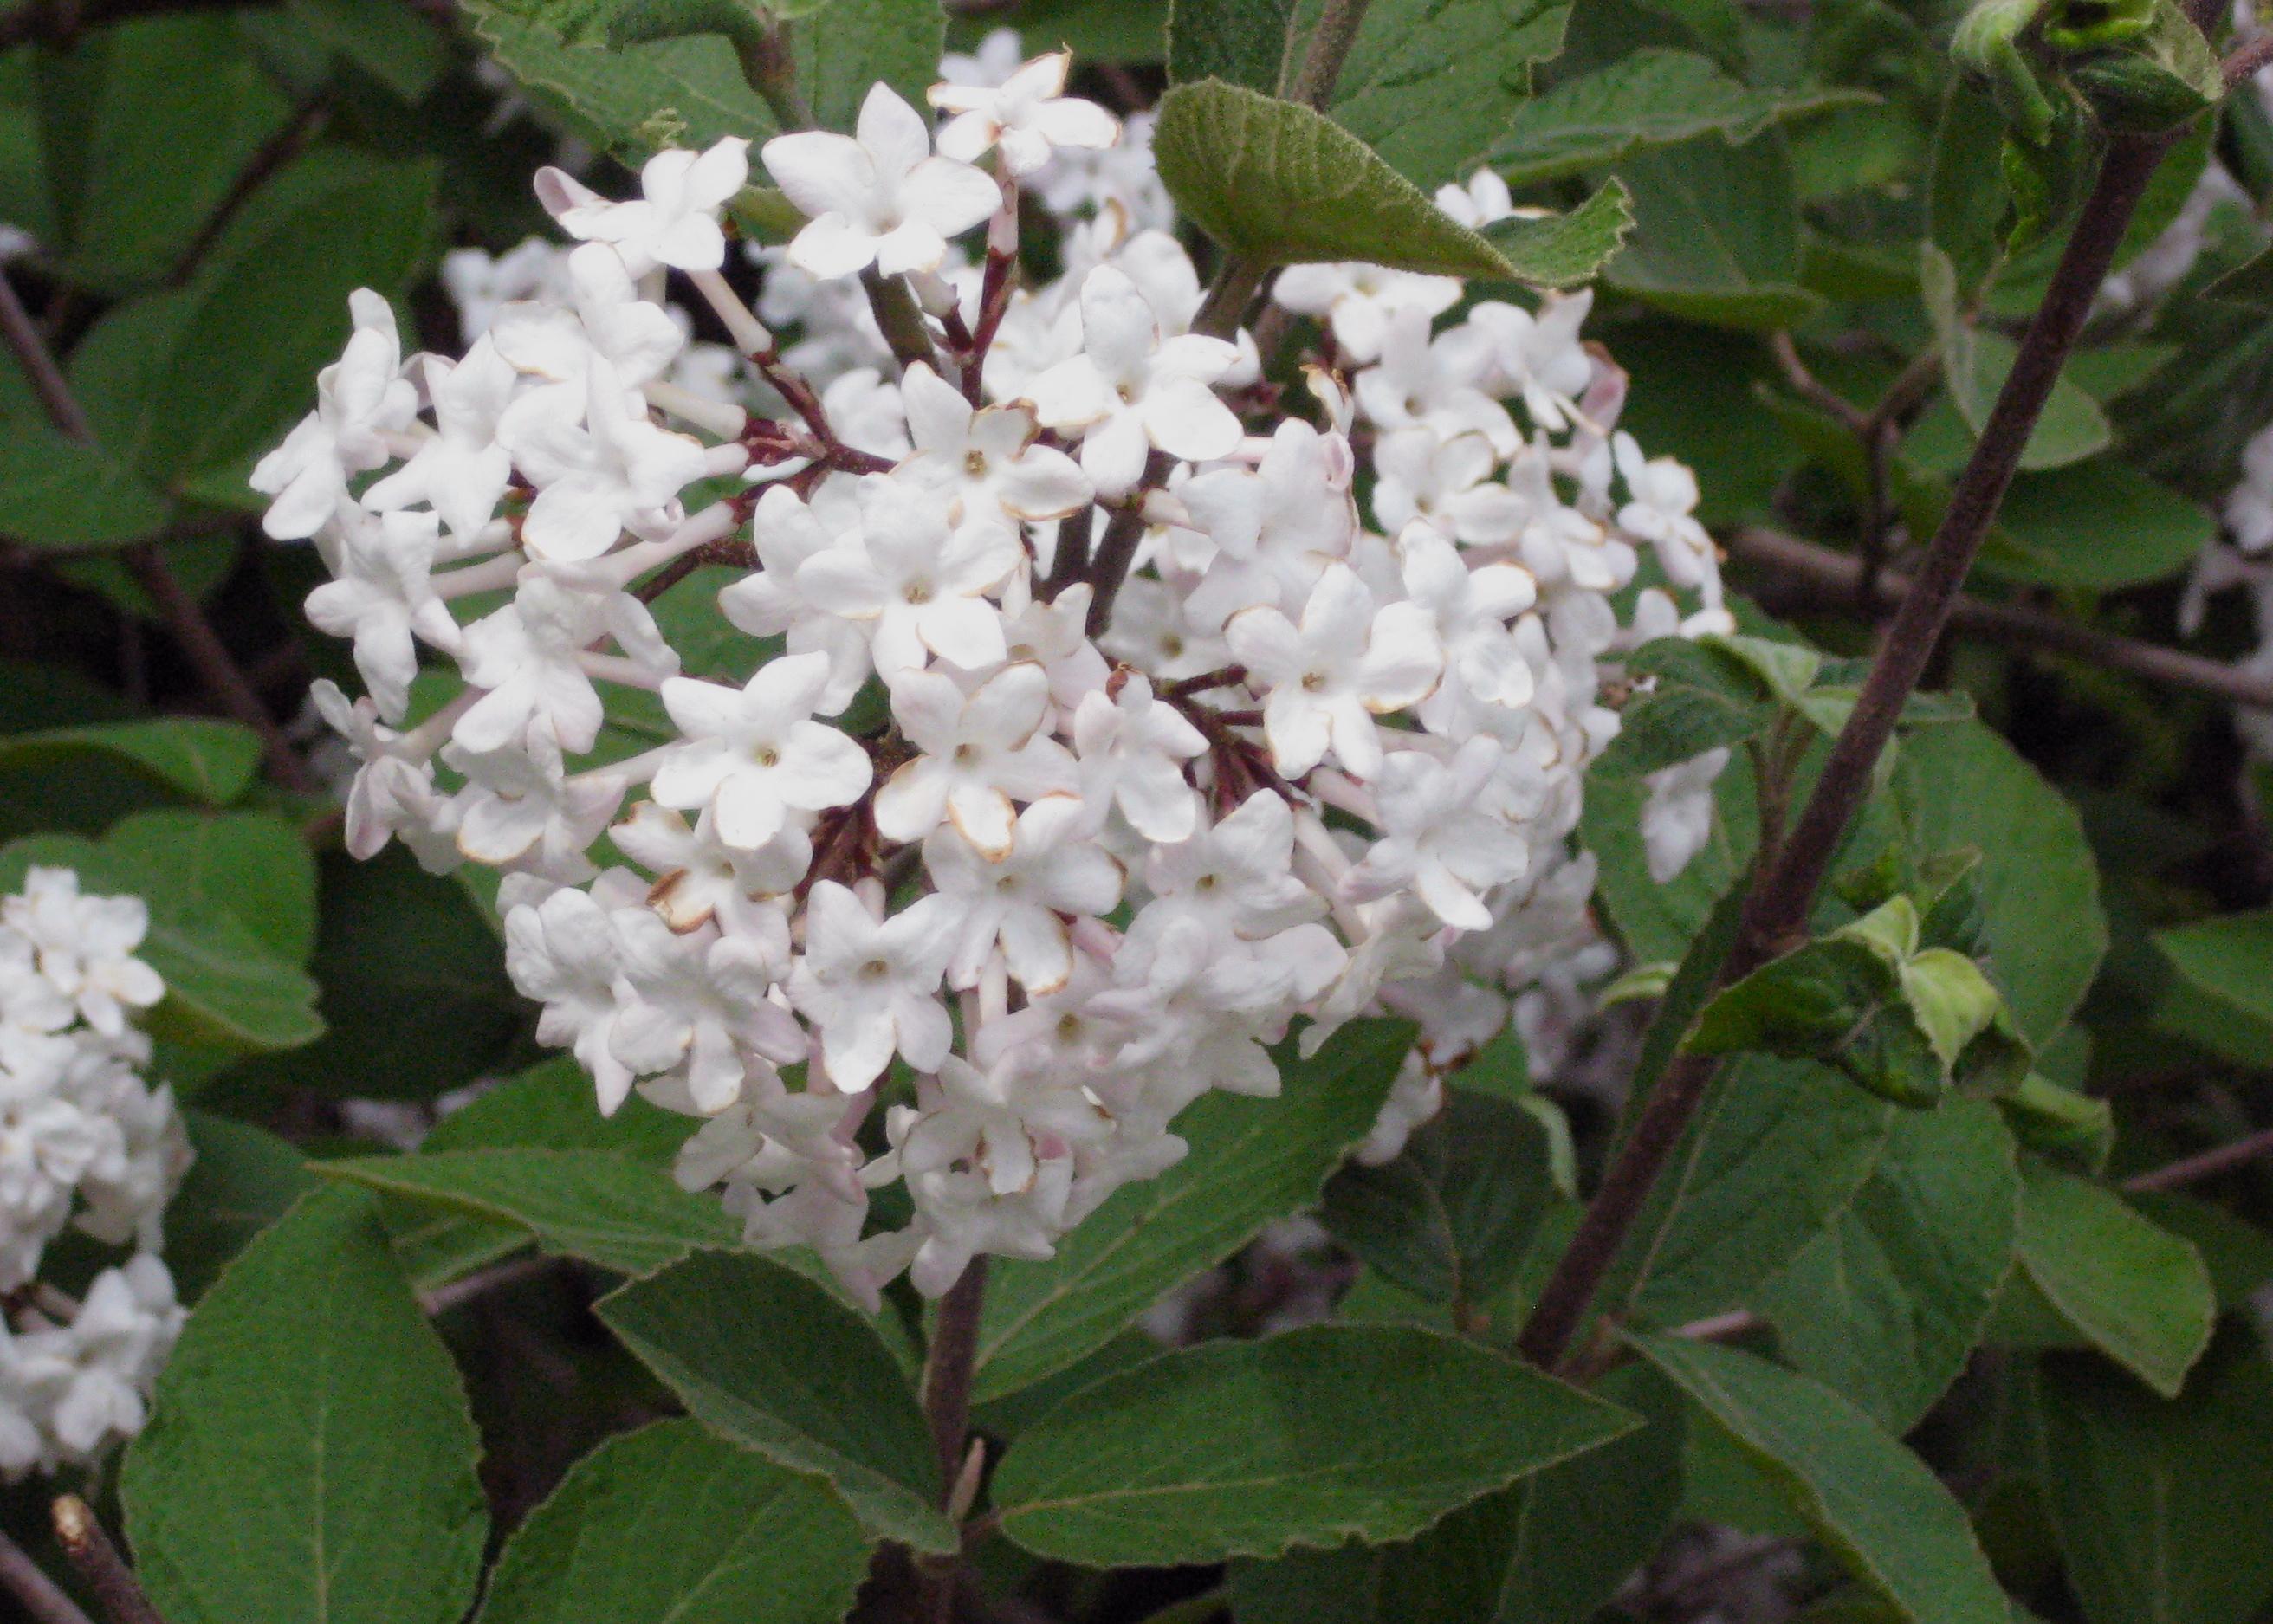 Korean Spice Viburnum Closeup Bayport Flower